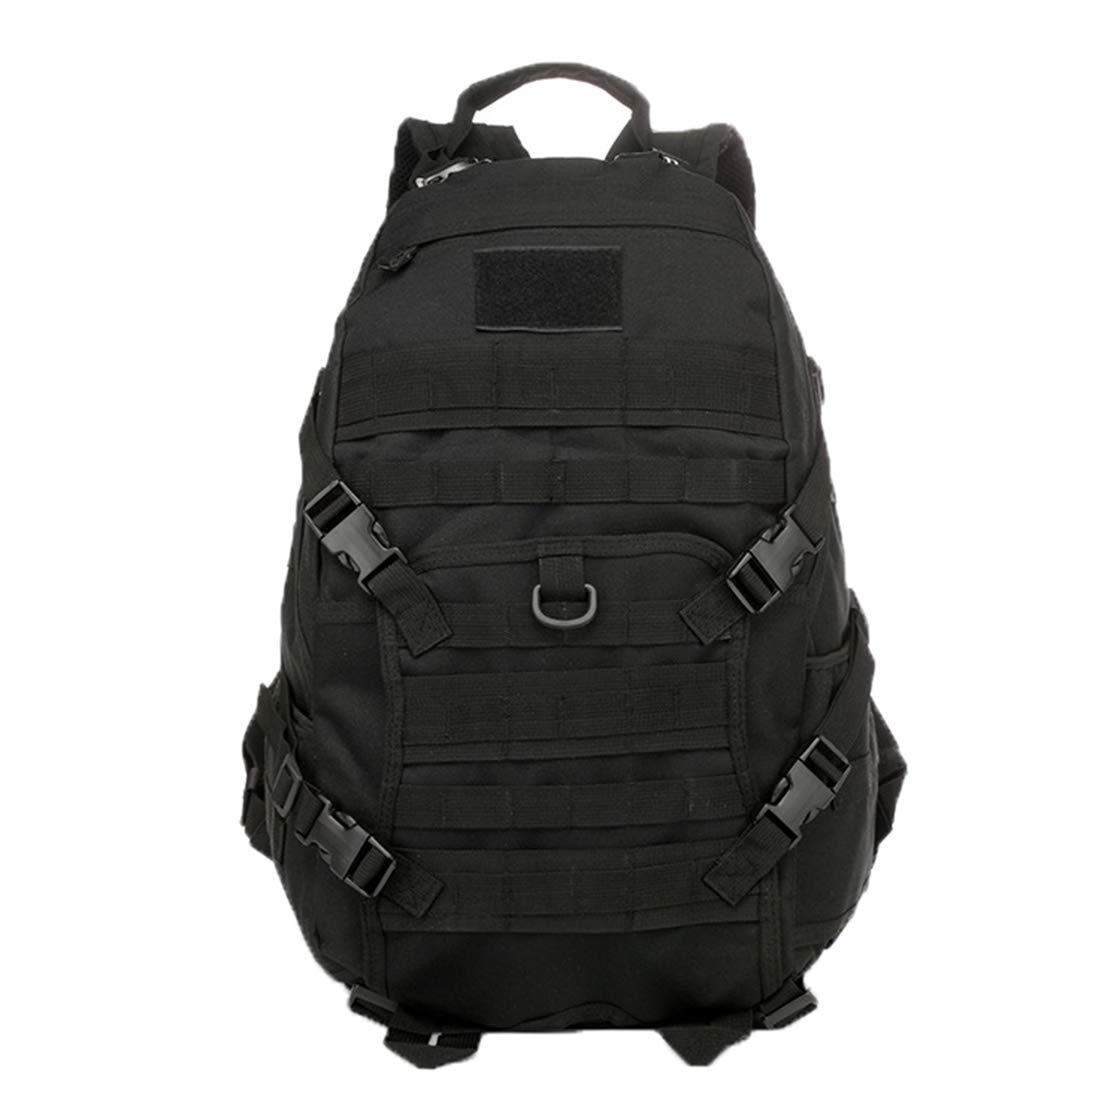 DaQao Herren Oxford Tuch Wanderrucksack Waterproof Groß Groß Groß Daypacks Tactical Bergsteigertasche Outdoor Reise Schulrucksack B07L693XRC Wanderruckscke Vielfältiges neues Design 8362a1